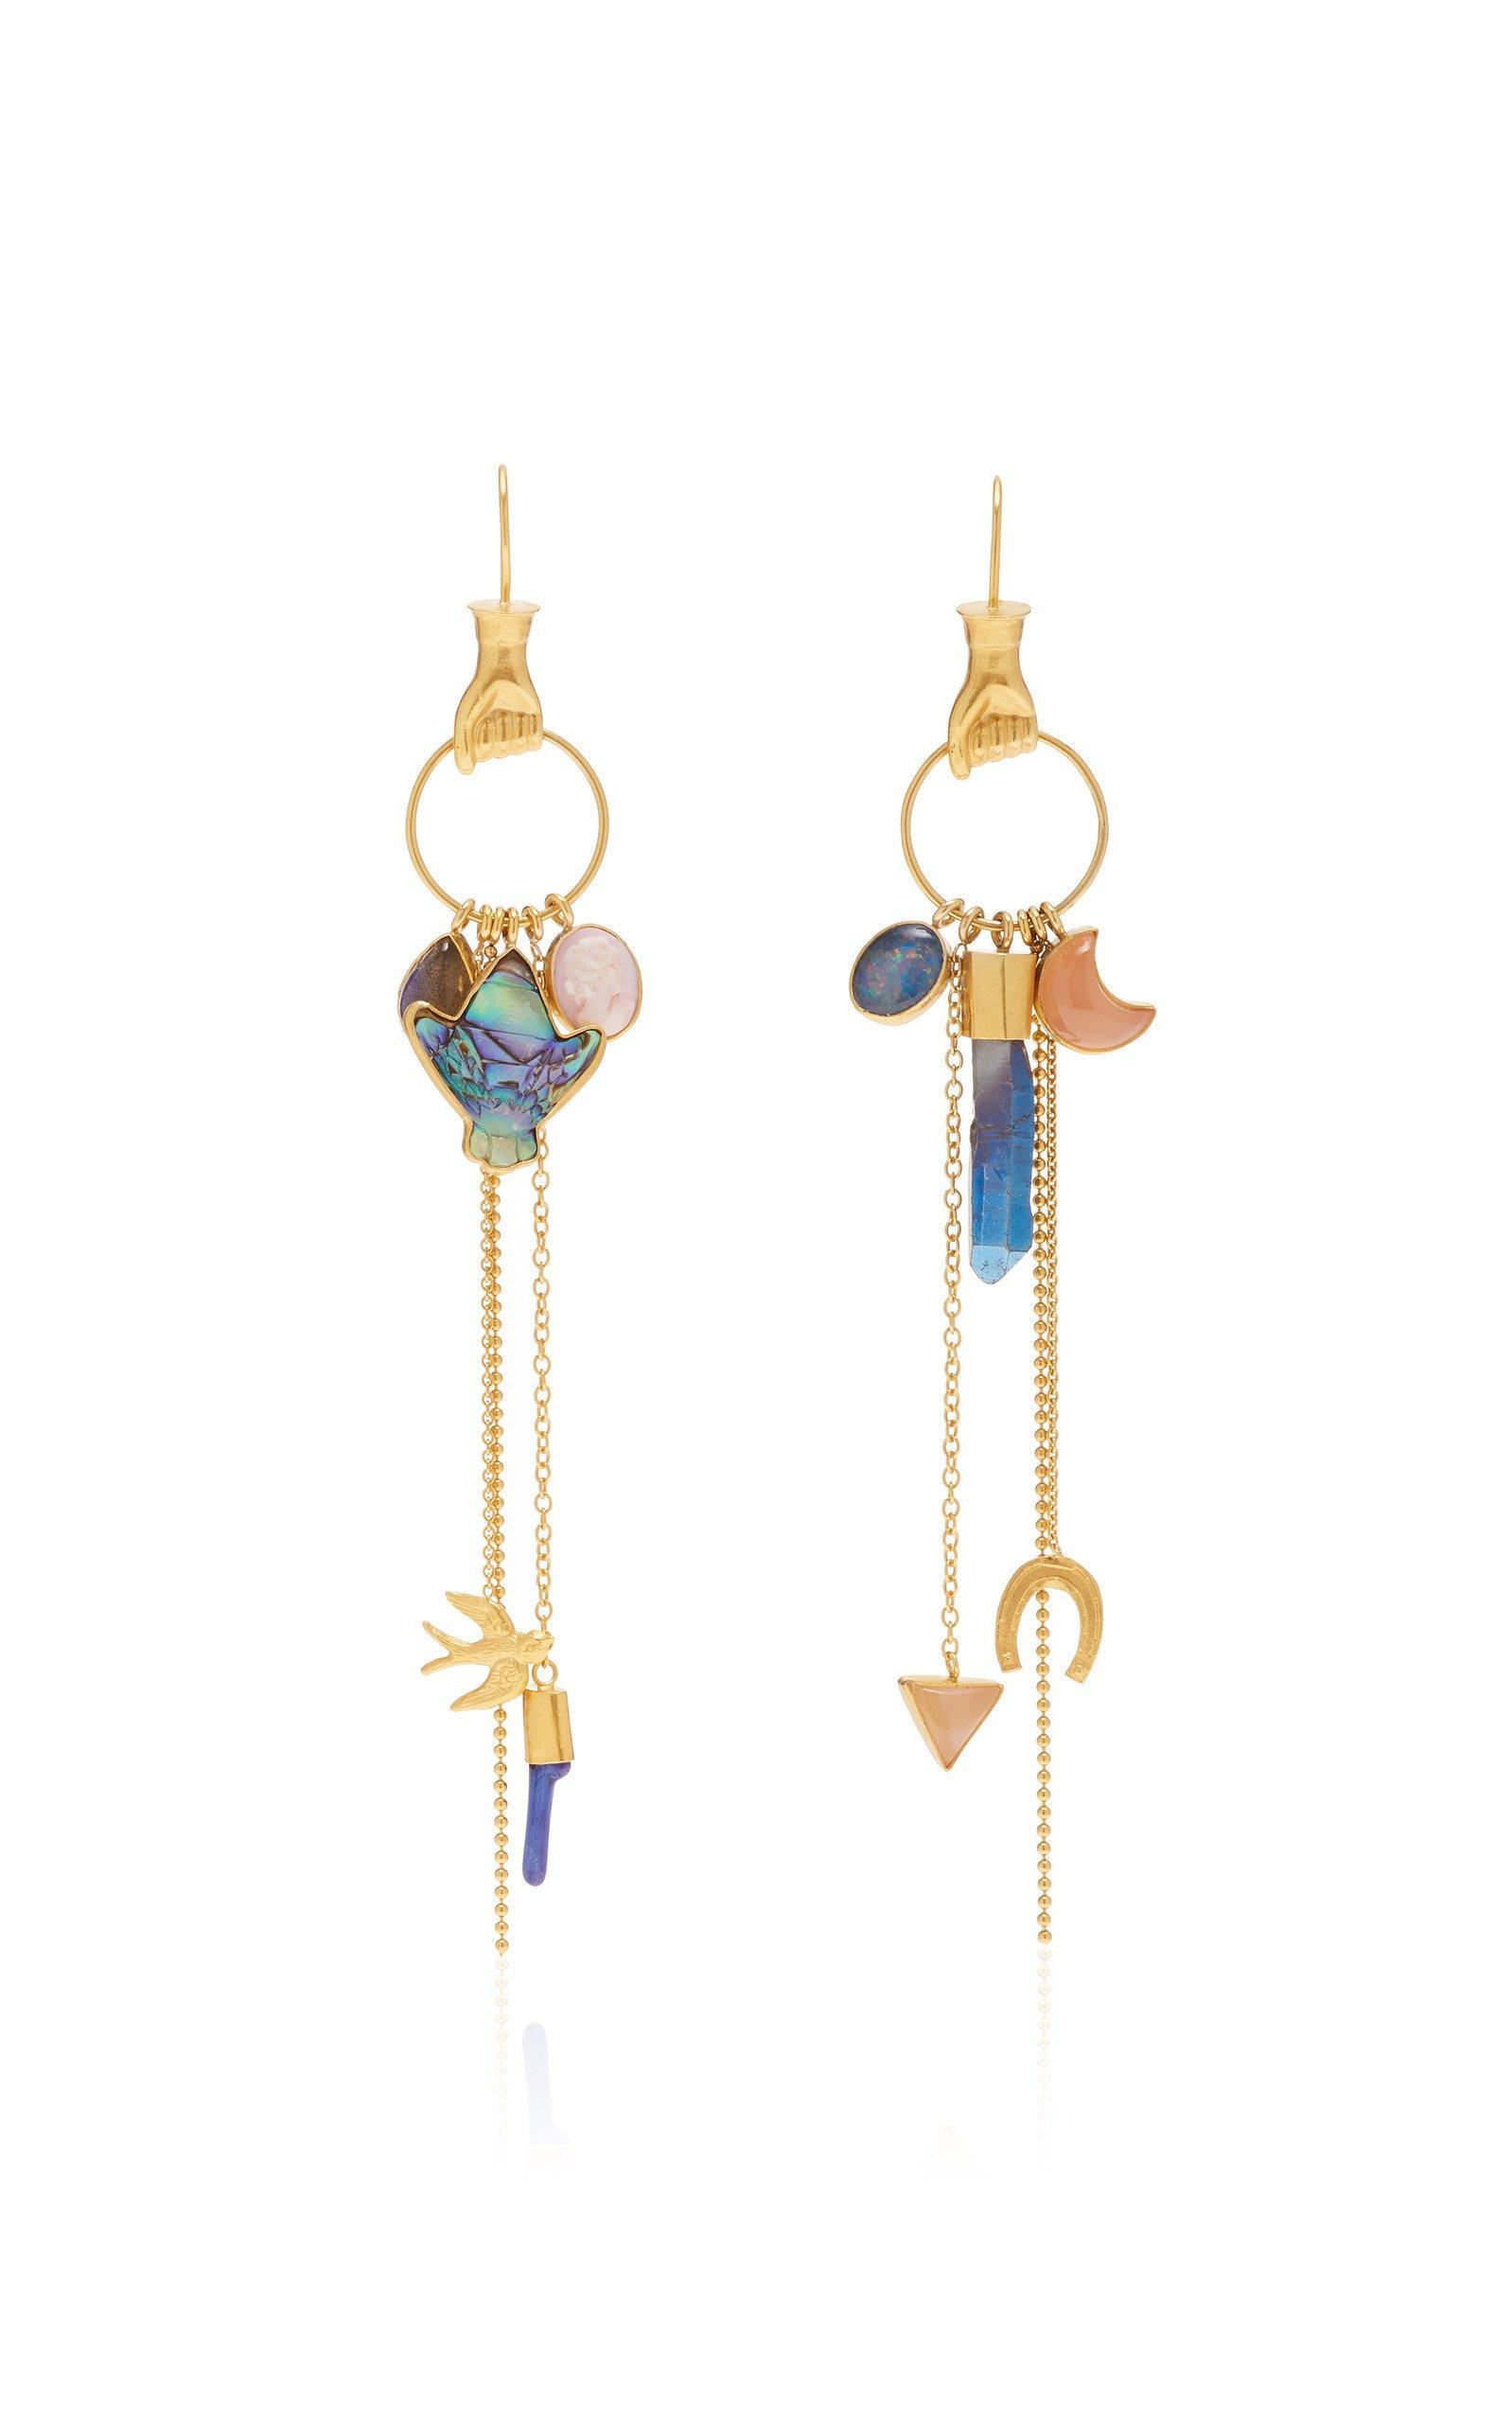 Grainne Morton Multi Charm Drop Earrings